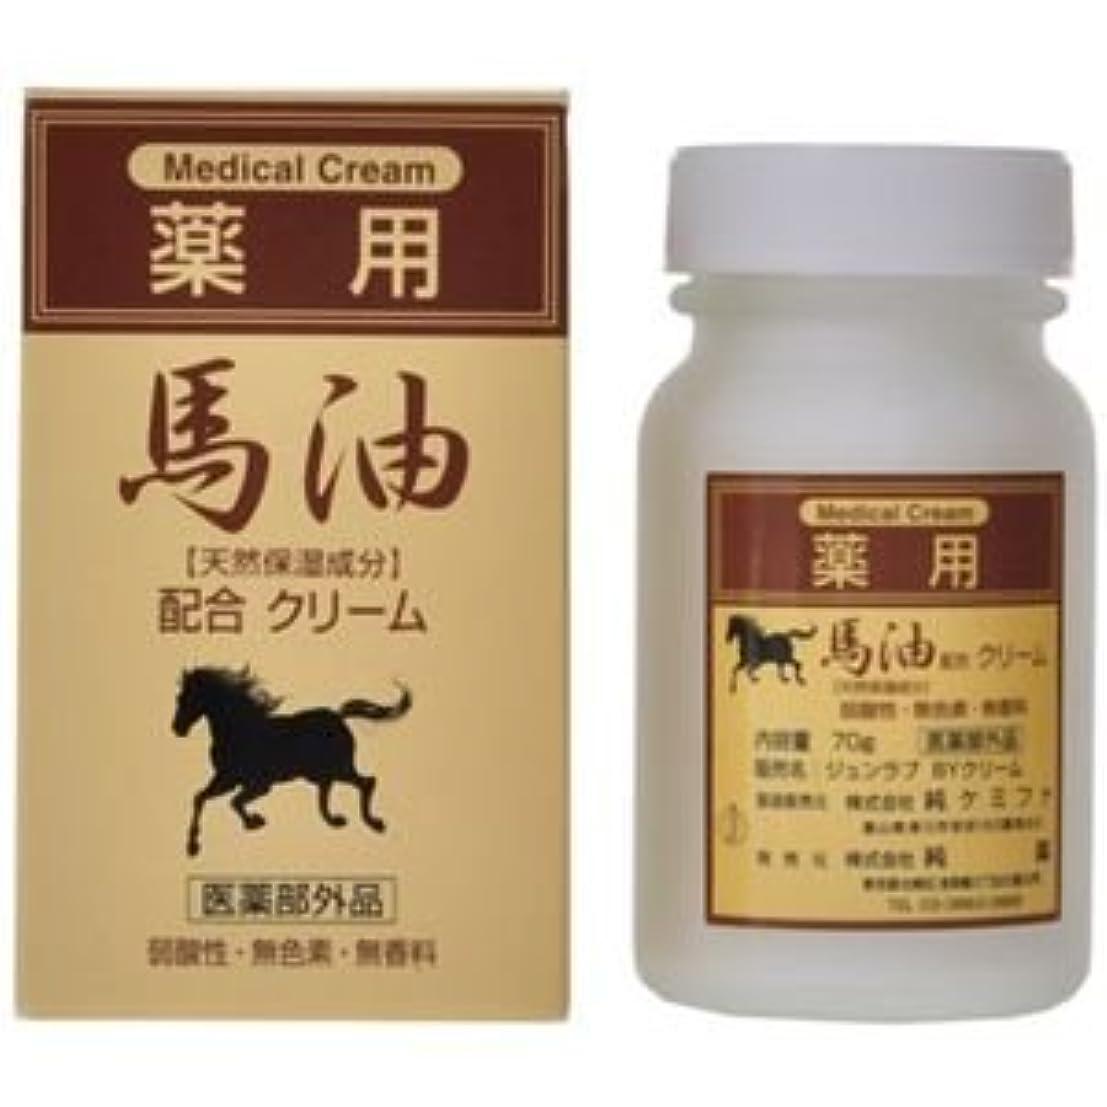 コードレス火薬国籍純薬 薬用 馬油配合クリーム 70g 4セット